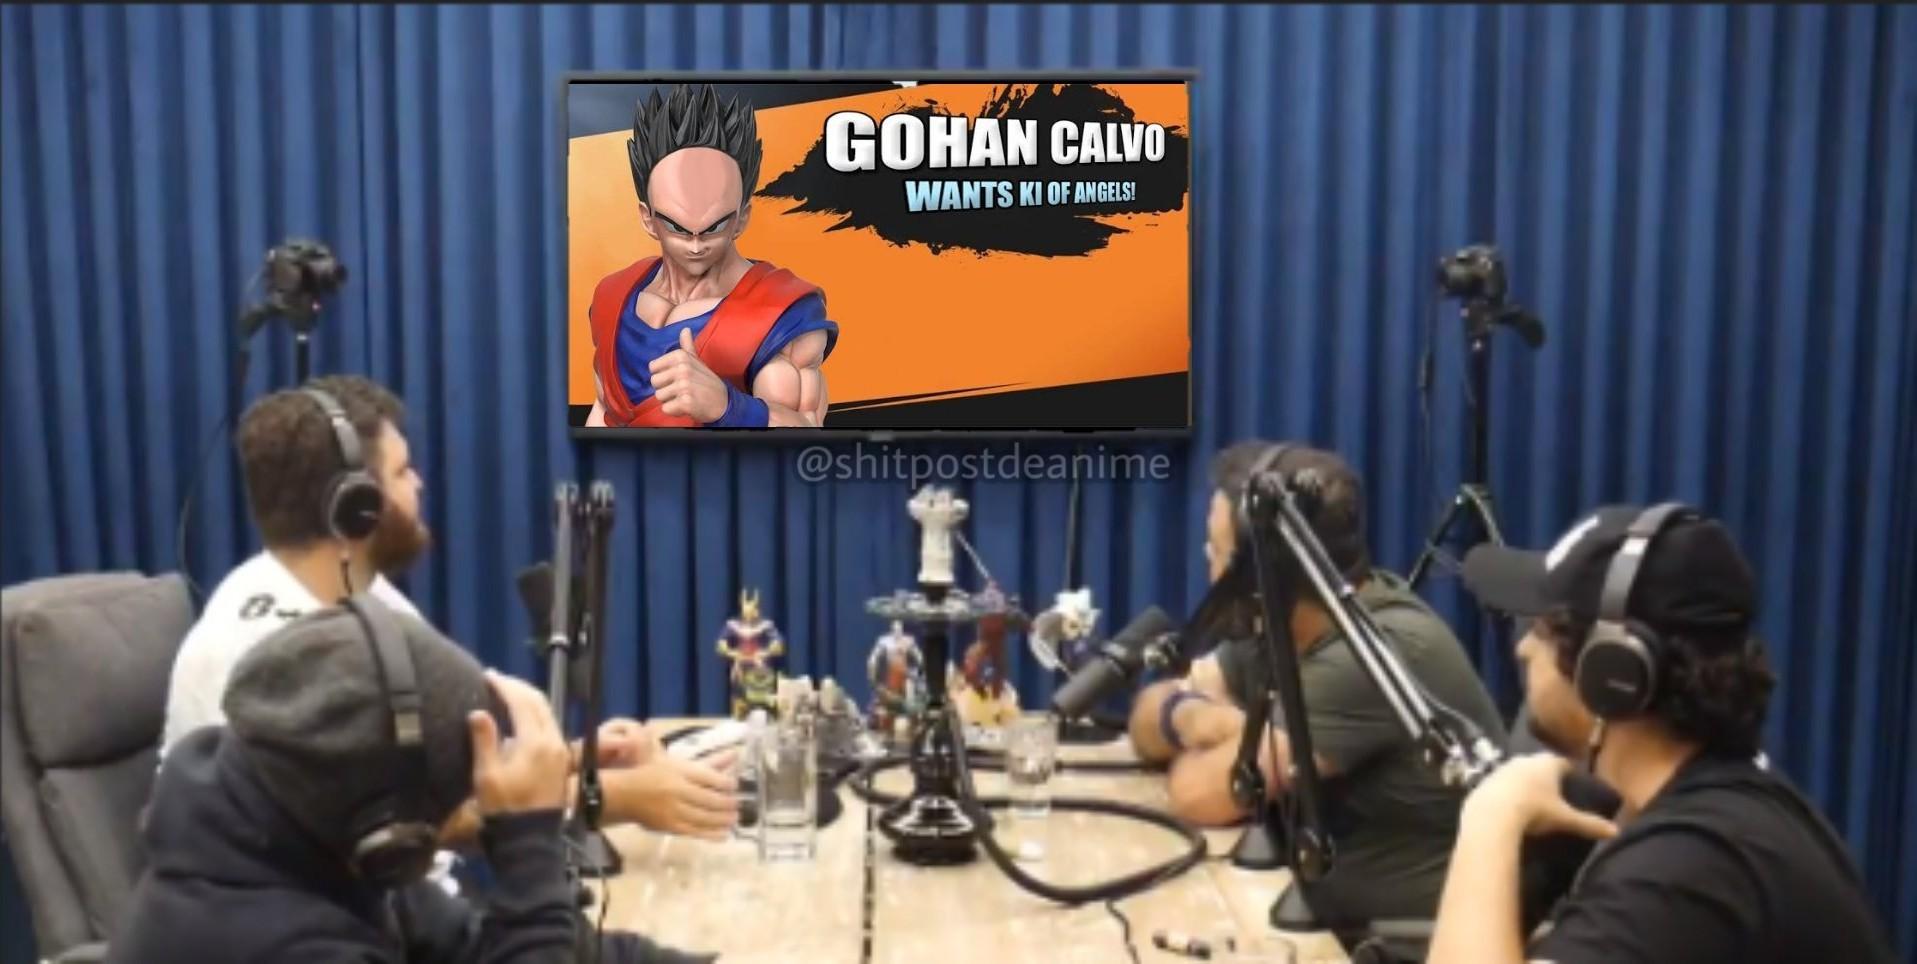 Gohan calvo - meme